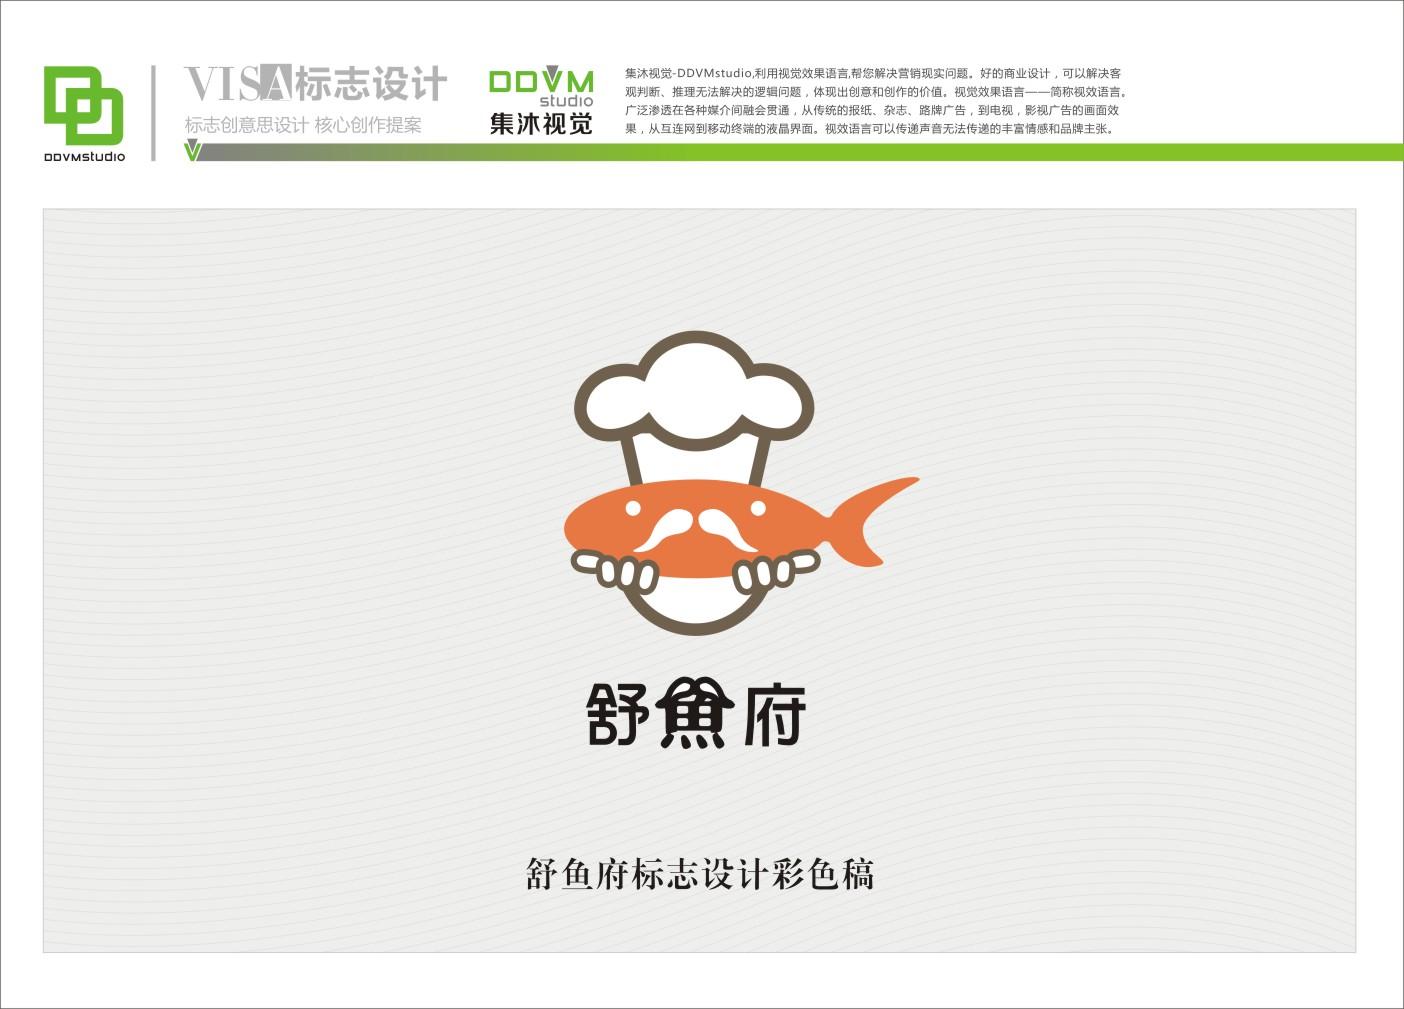 舒鱼府logo设计a提案3-2.jpg(196.93k)